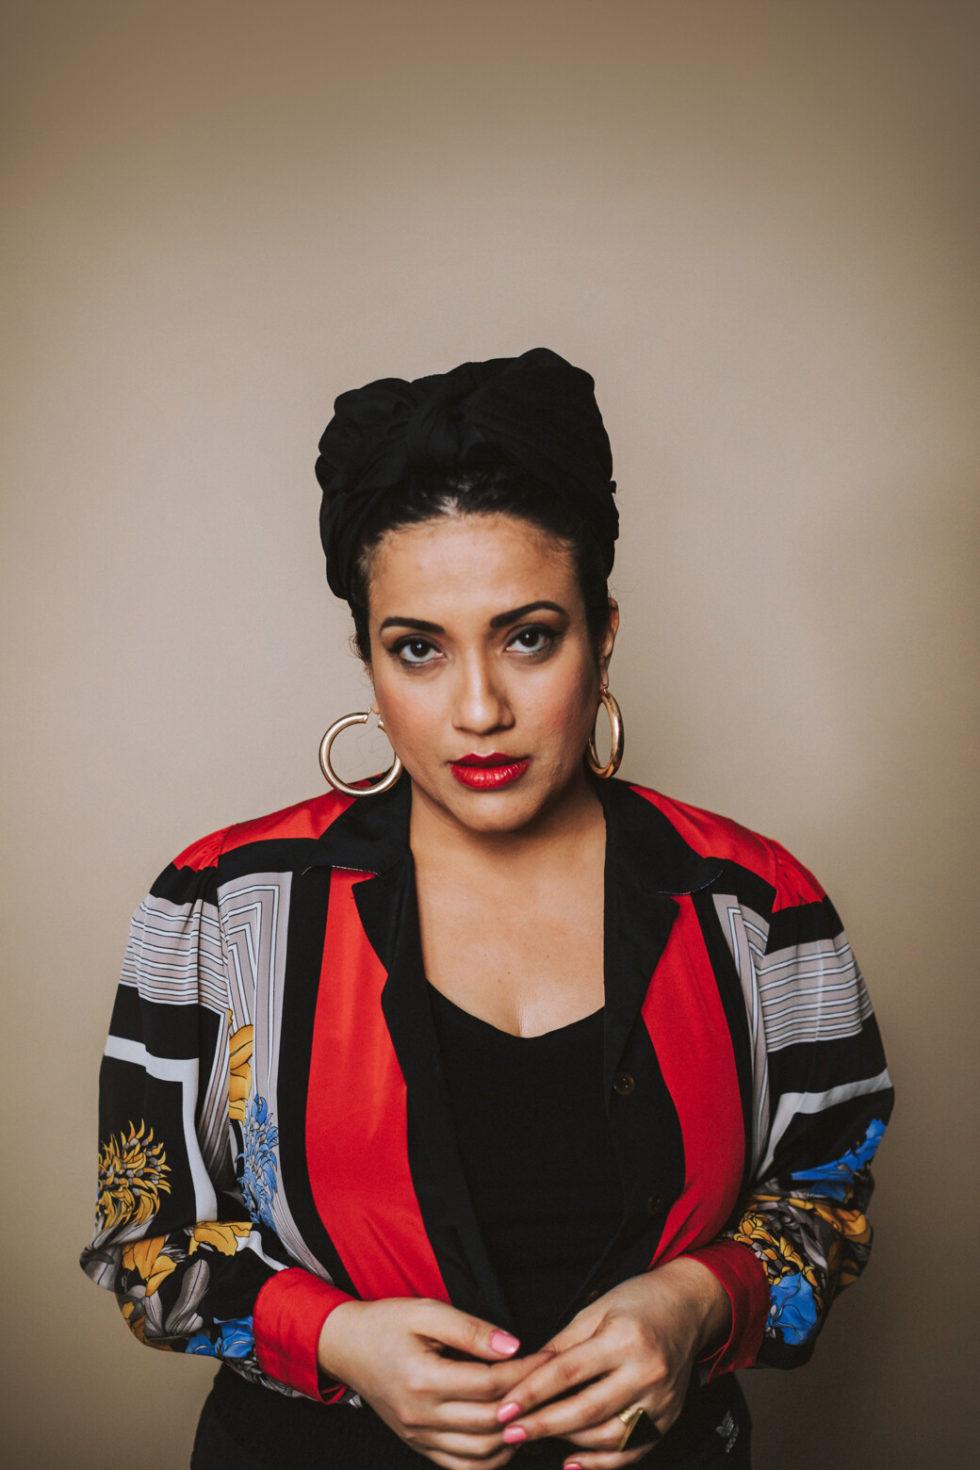 Foto av författaren med uppsatt svart hår, stora guldringar i öronen och iklädd en mönstrad blus i svart, rött och blått.